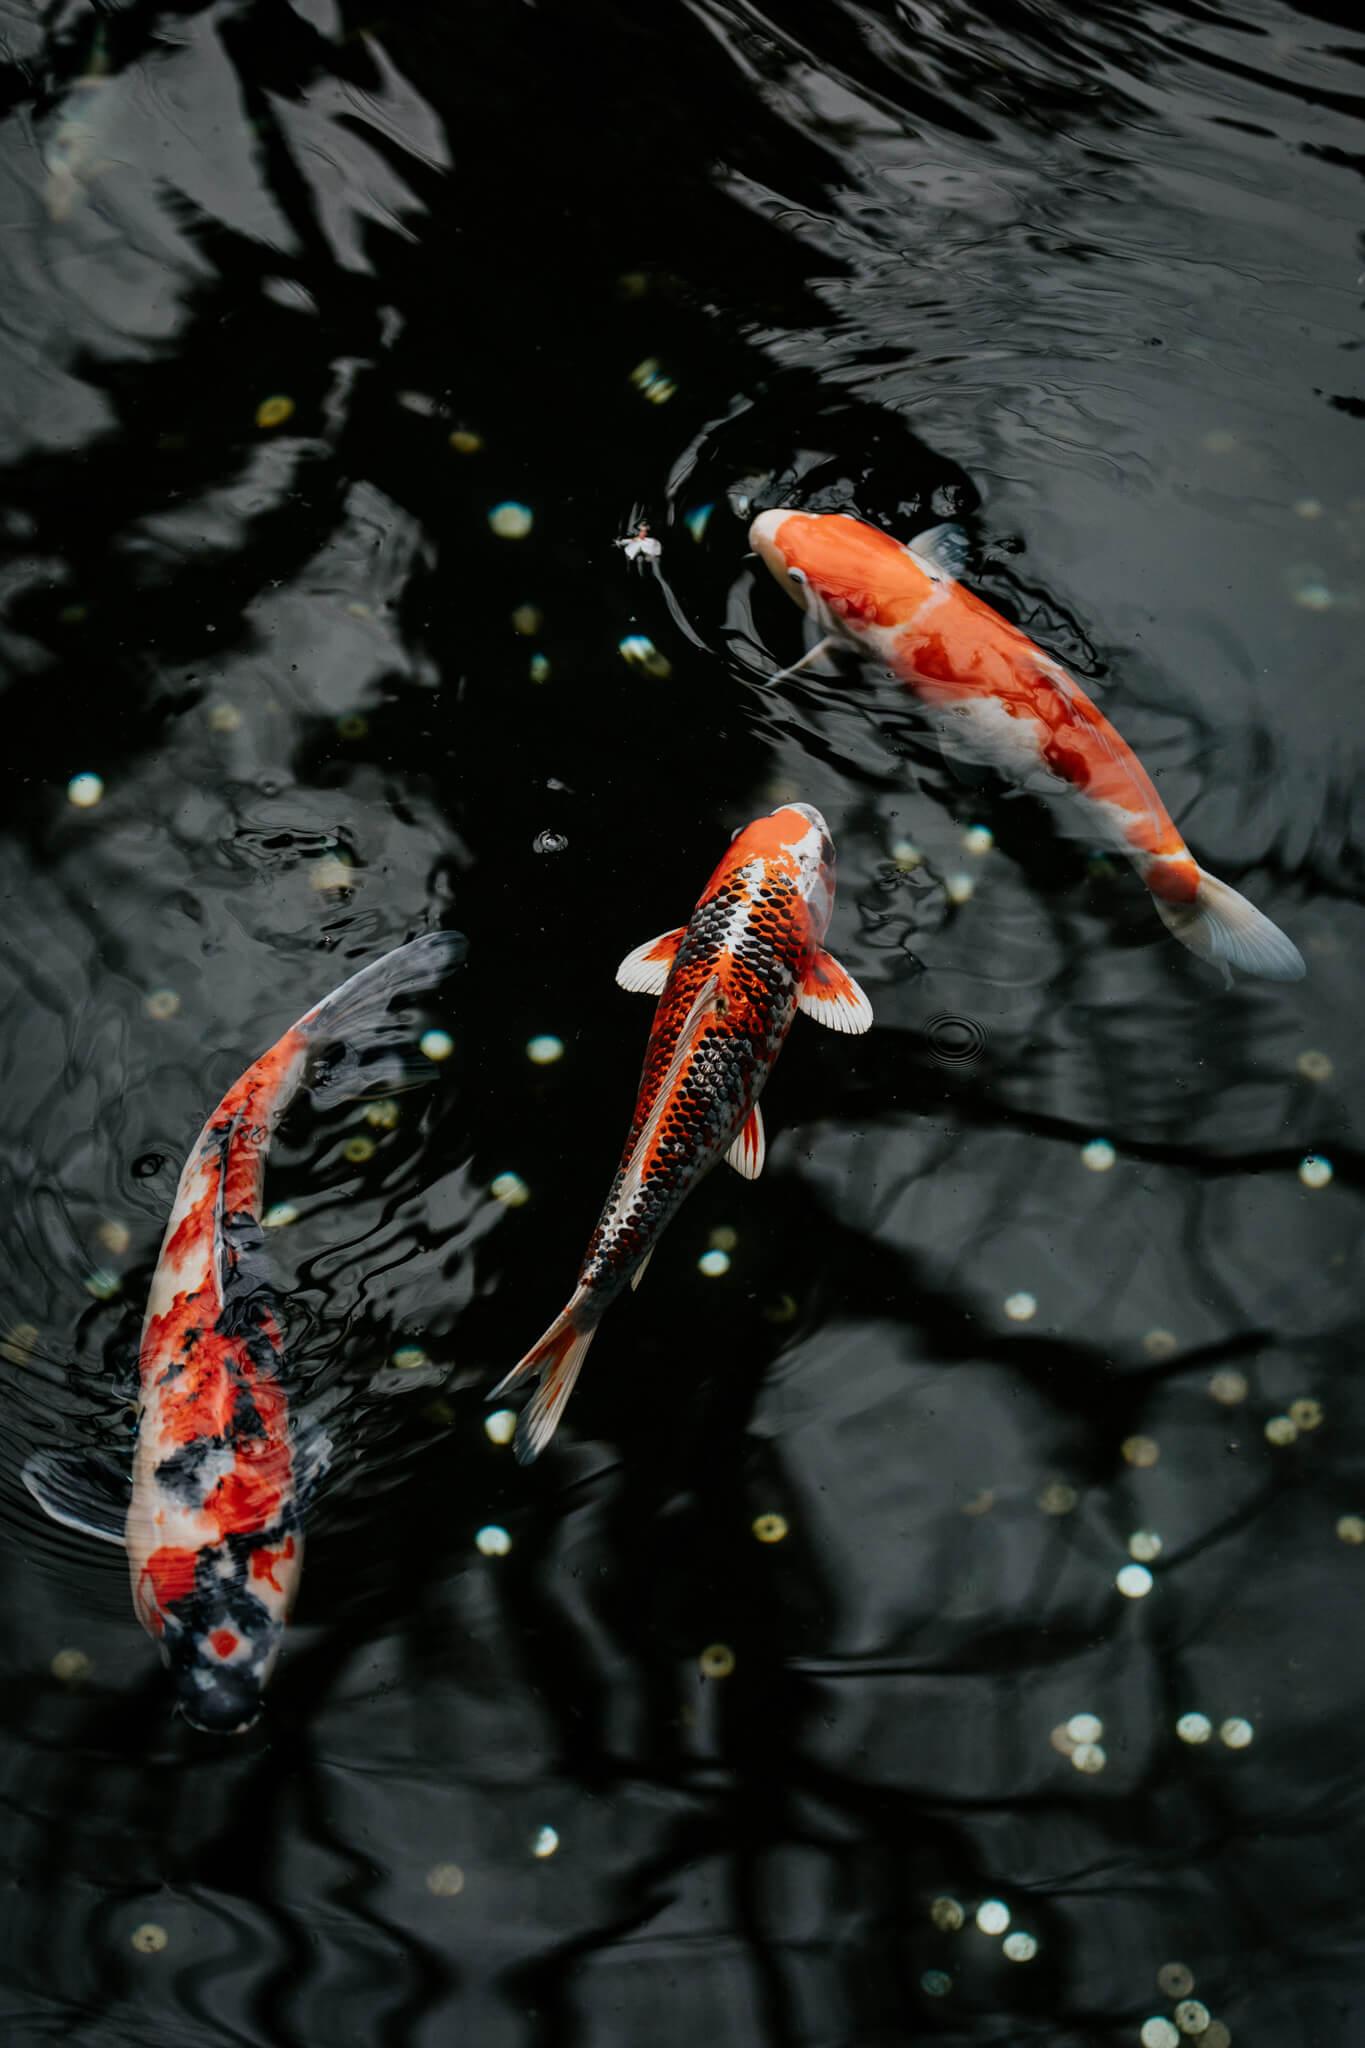 Japan-Travel-Photography-Natalie-Skoric-3.jpg